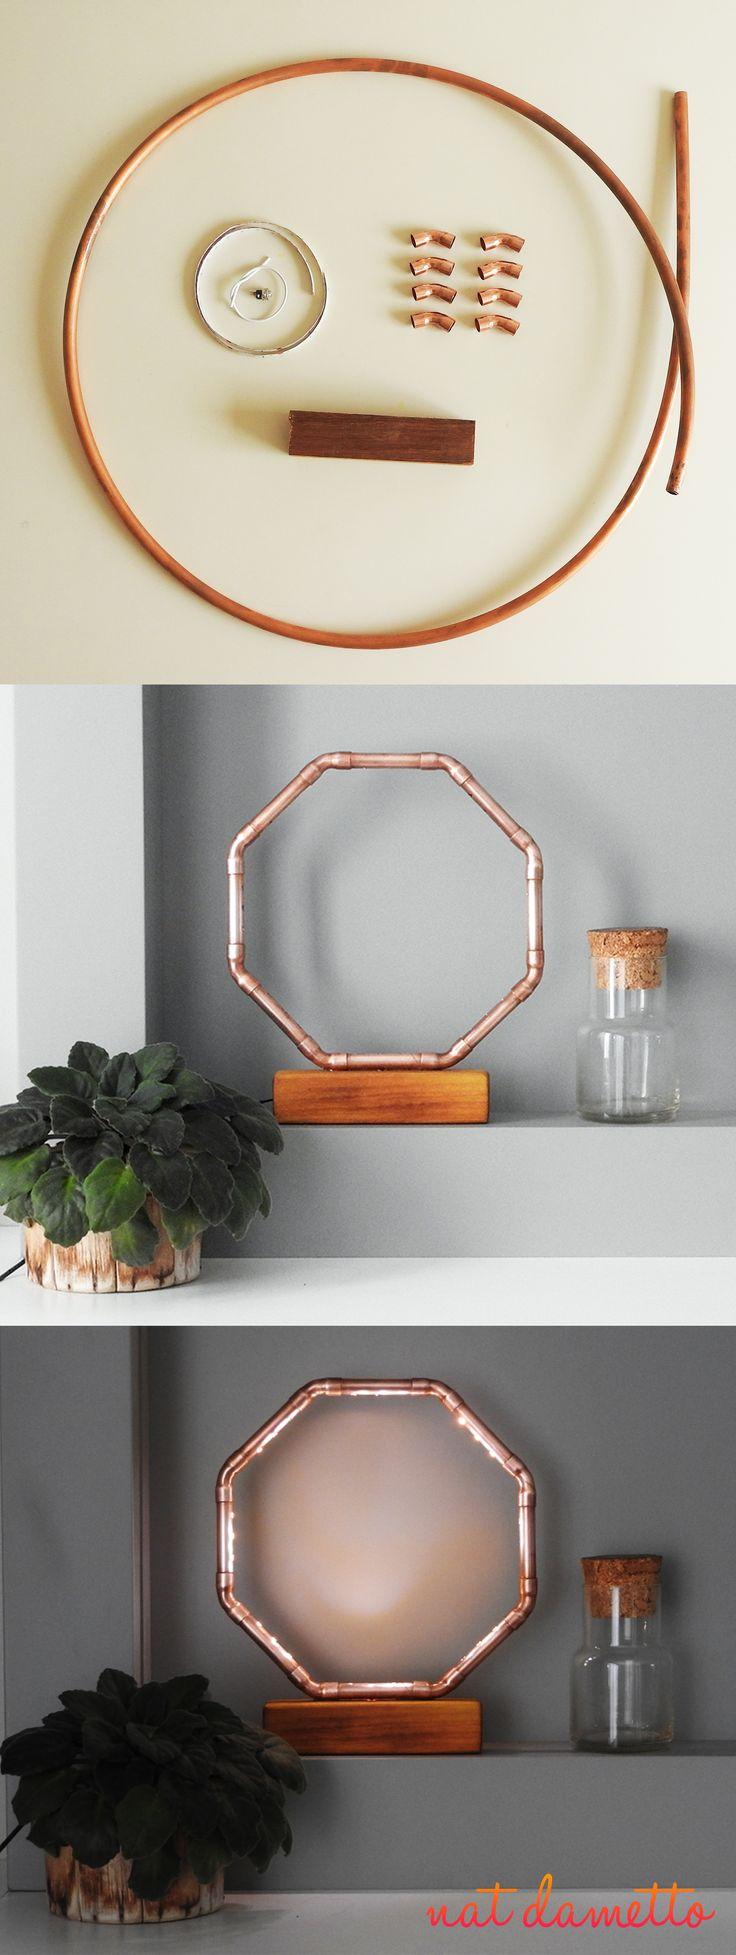 Luminária Octógono Cano de Cobre e LED DIY - Nat Dametto